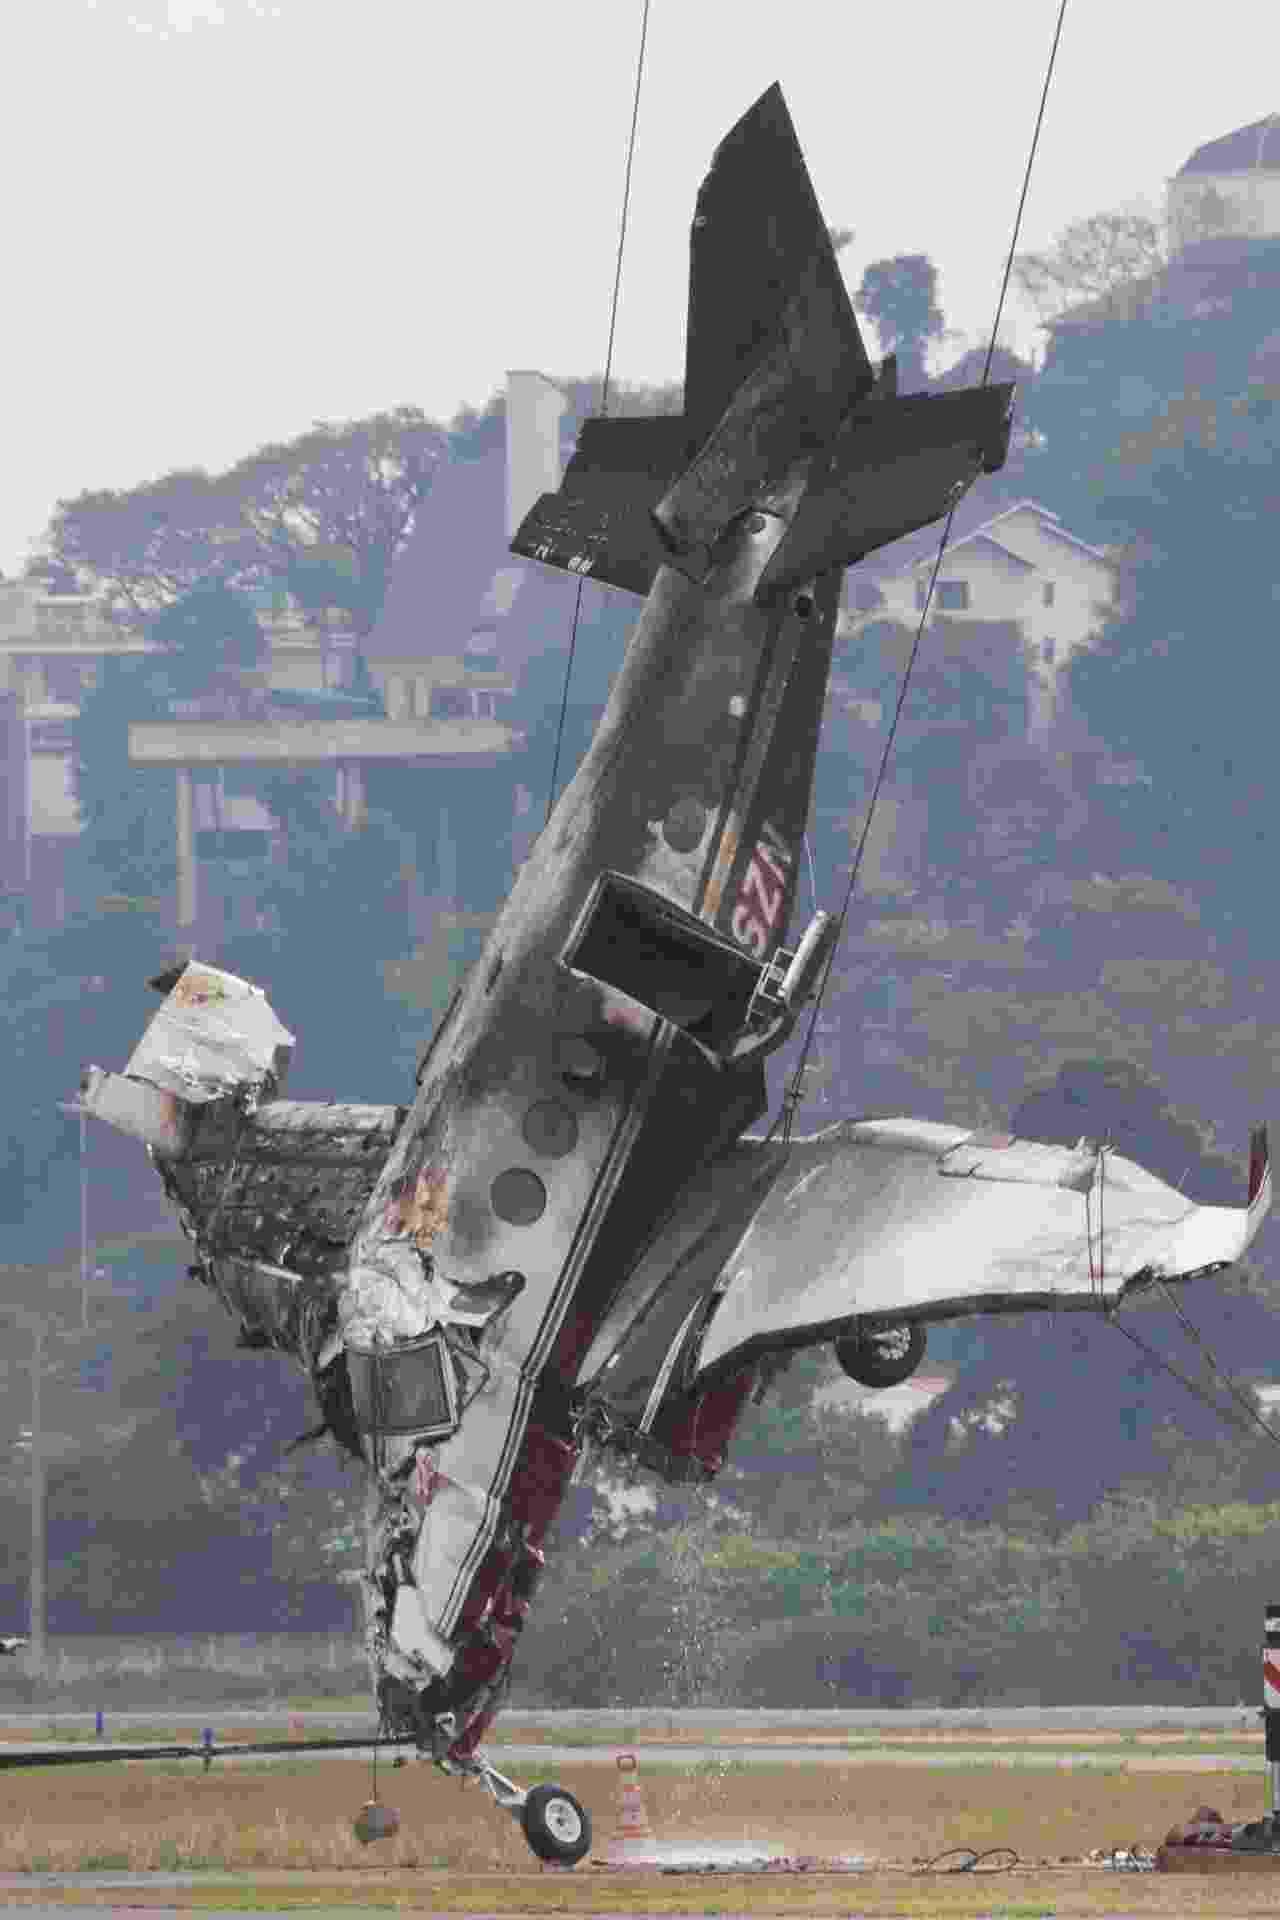 30.jul.2018 - Equipes atuam na retirada da aeronave de pequeno porte que caiu no domingo no Campo de Marte, na zona norte de São Paulo. O acidente aconteceu por volta das 18h e deixou um morto e seis feridos - Mister Shadow/Asi/Estadão Conteúdo